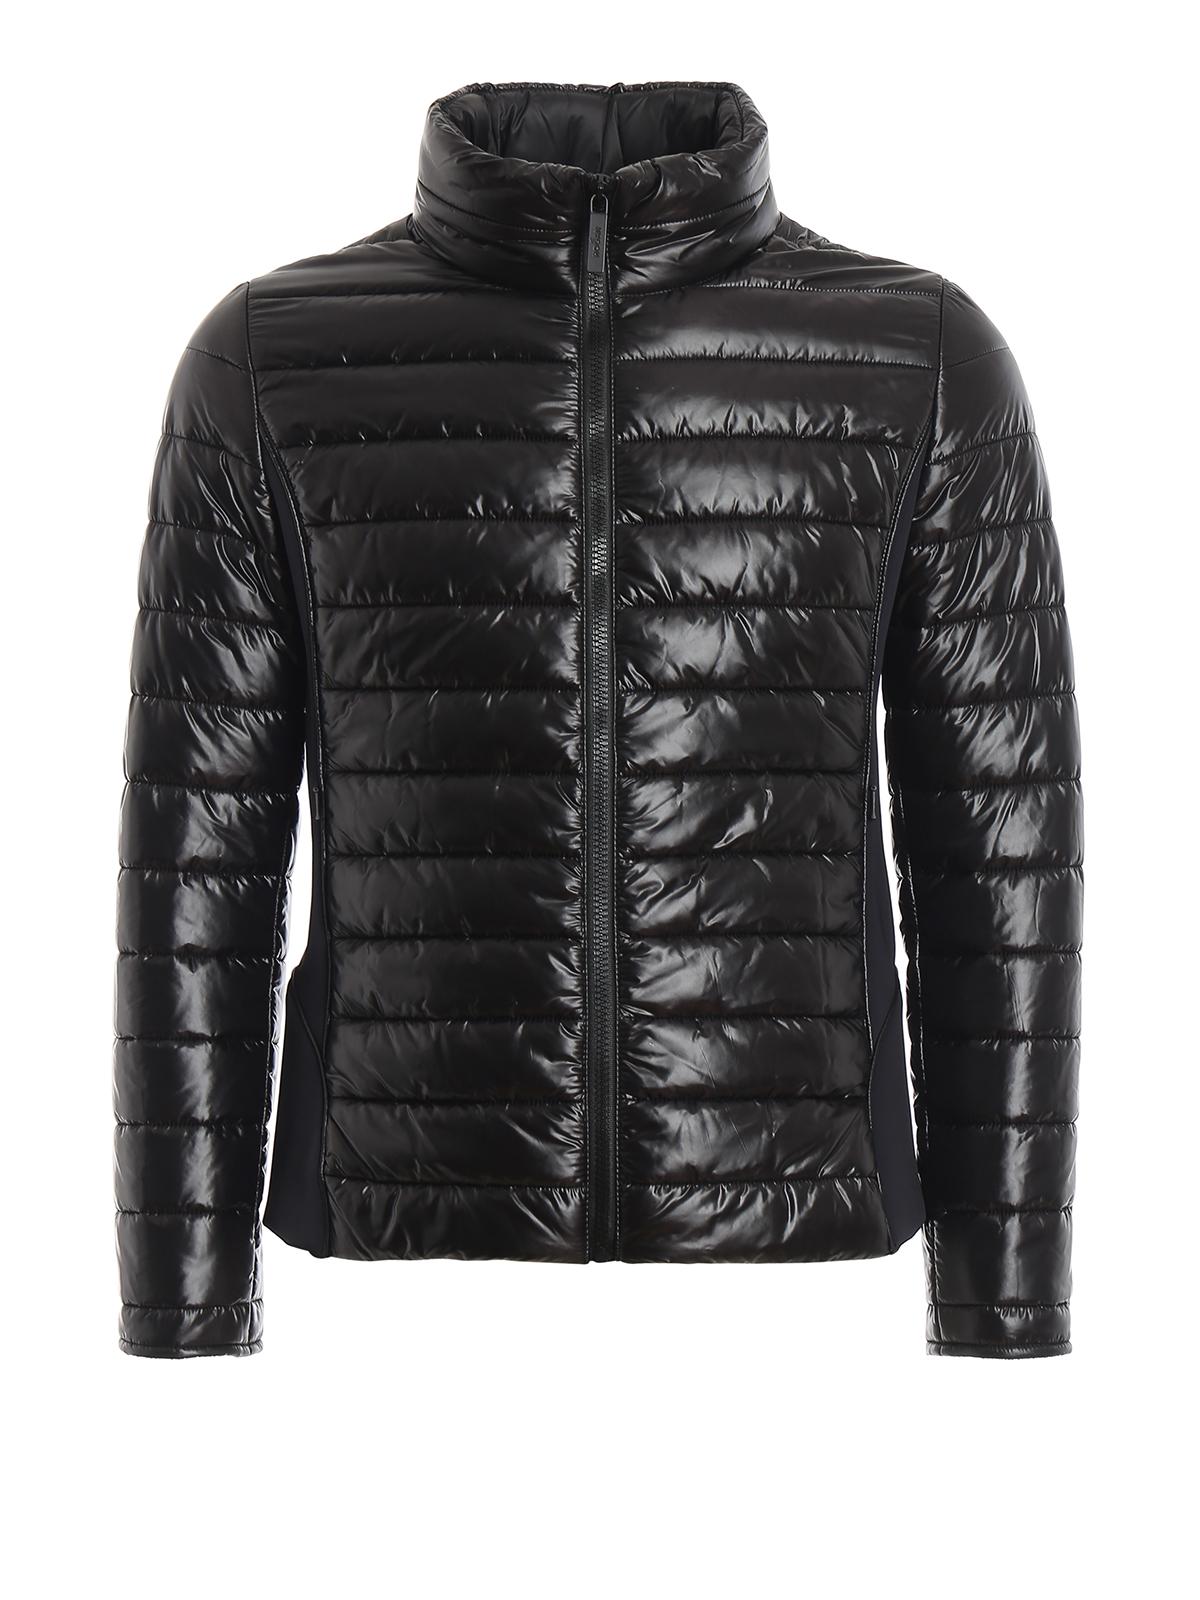 Hogan Rubber Logo Patch Black Light Puffer Jacket